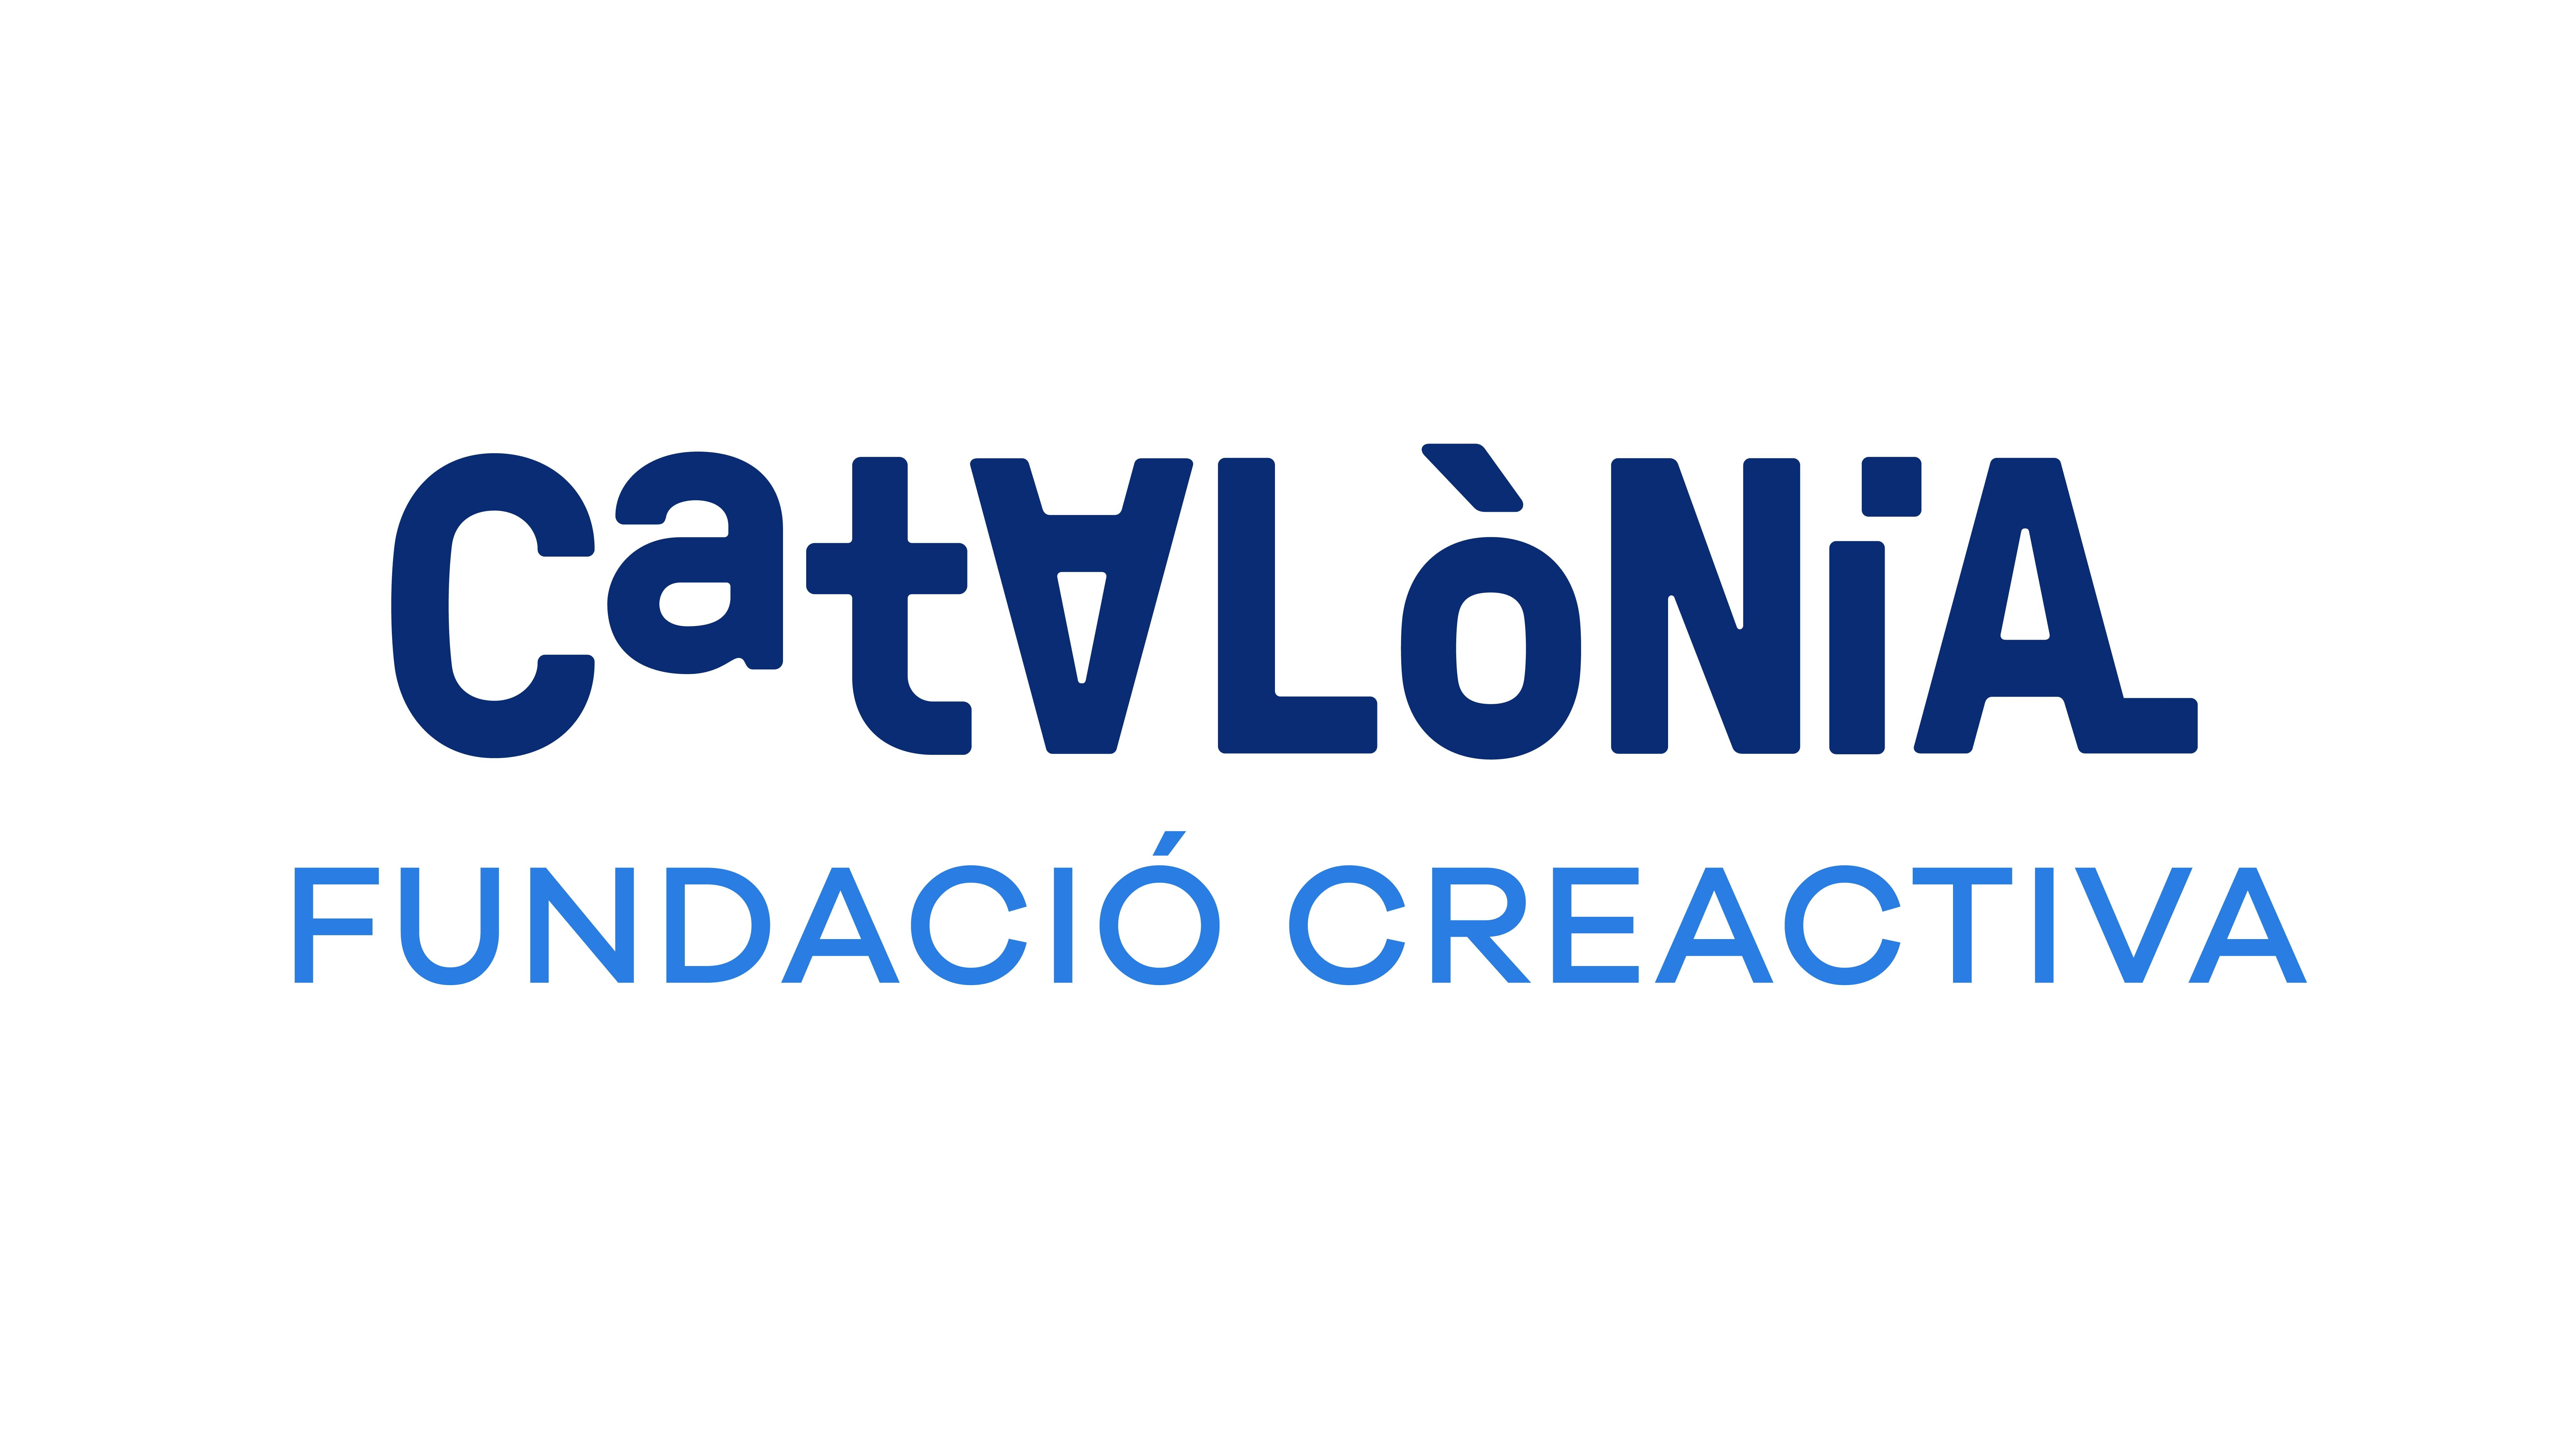 Catalònia Fundació Creactiva Sant Cugat Empresarial